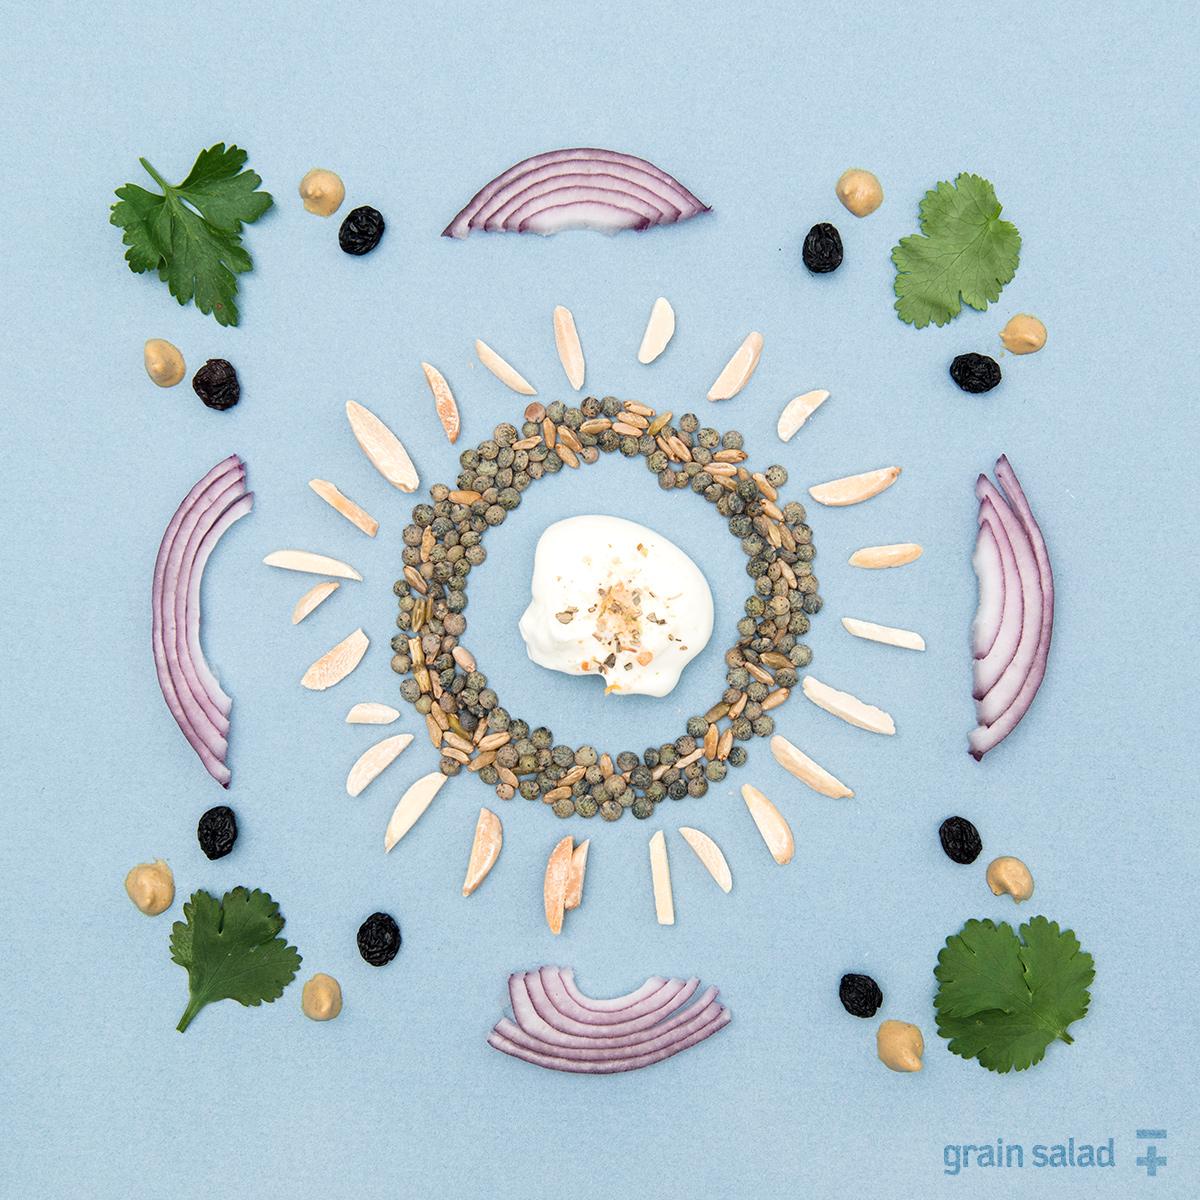 FB_TT_IG_grain-salad.jpg